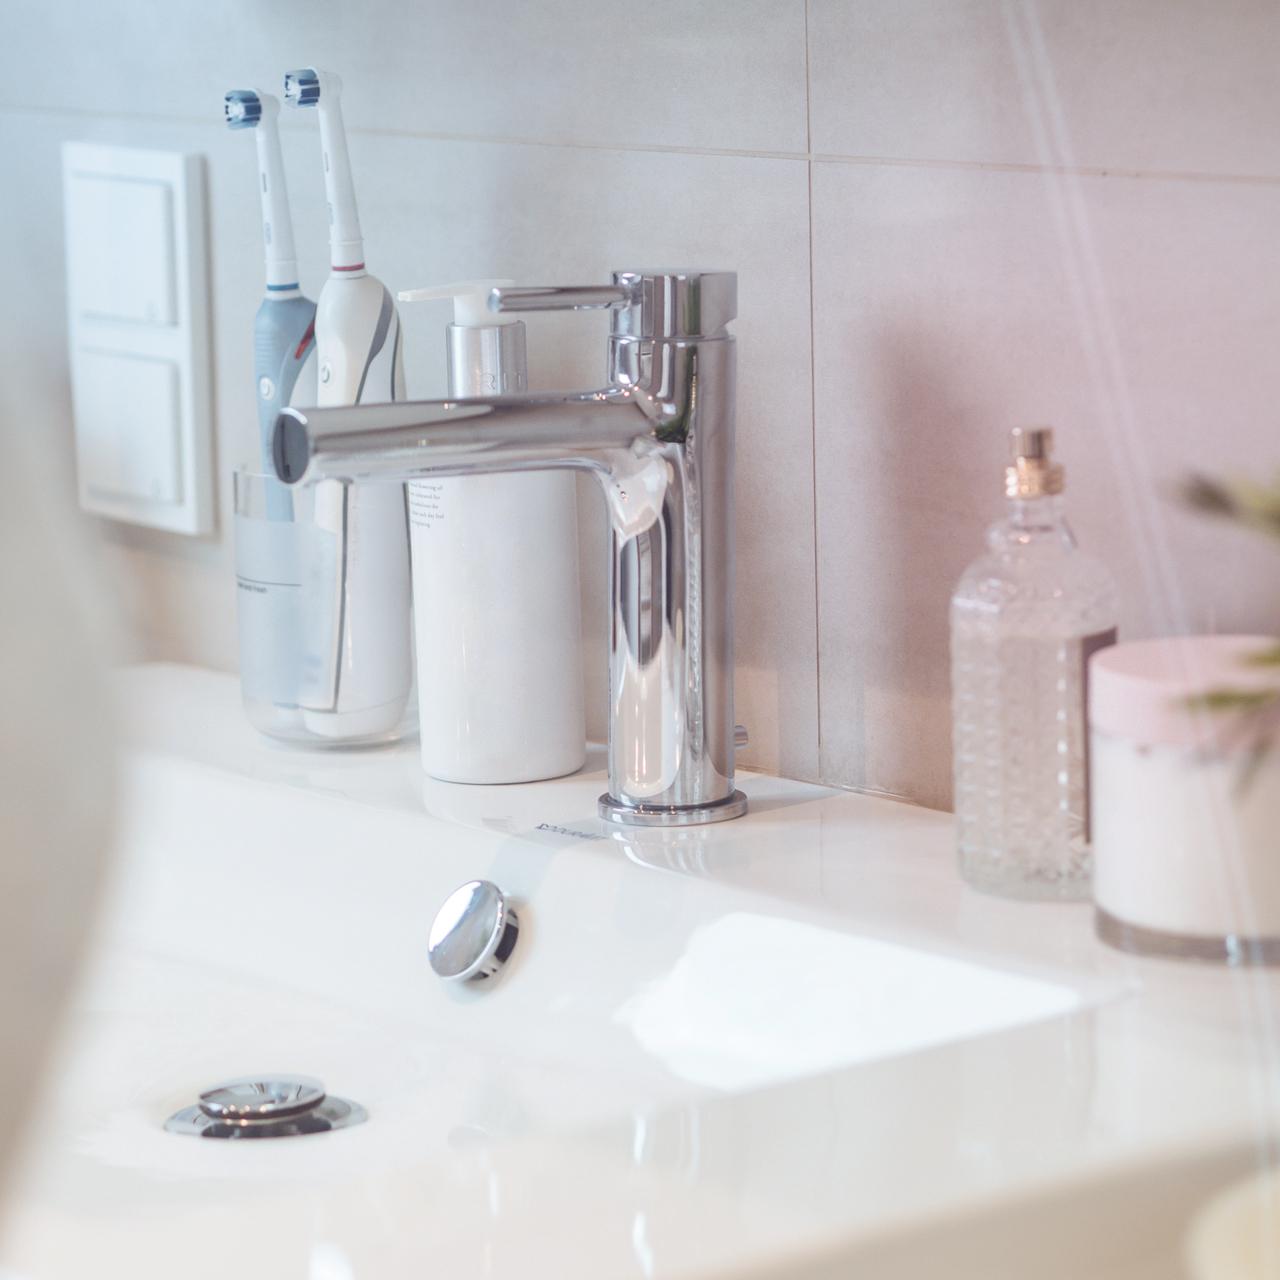 Putztipps fürs Bad - BWT